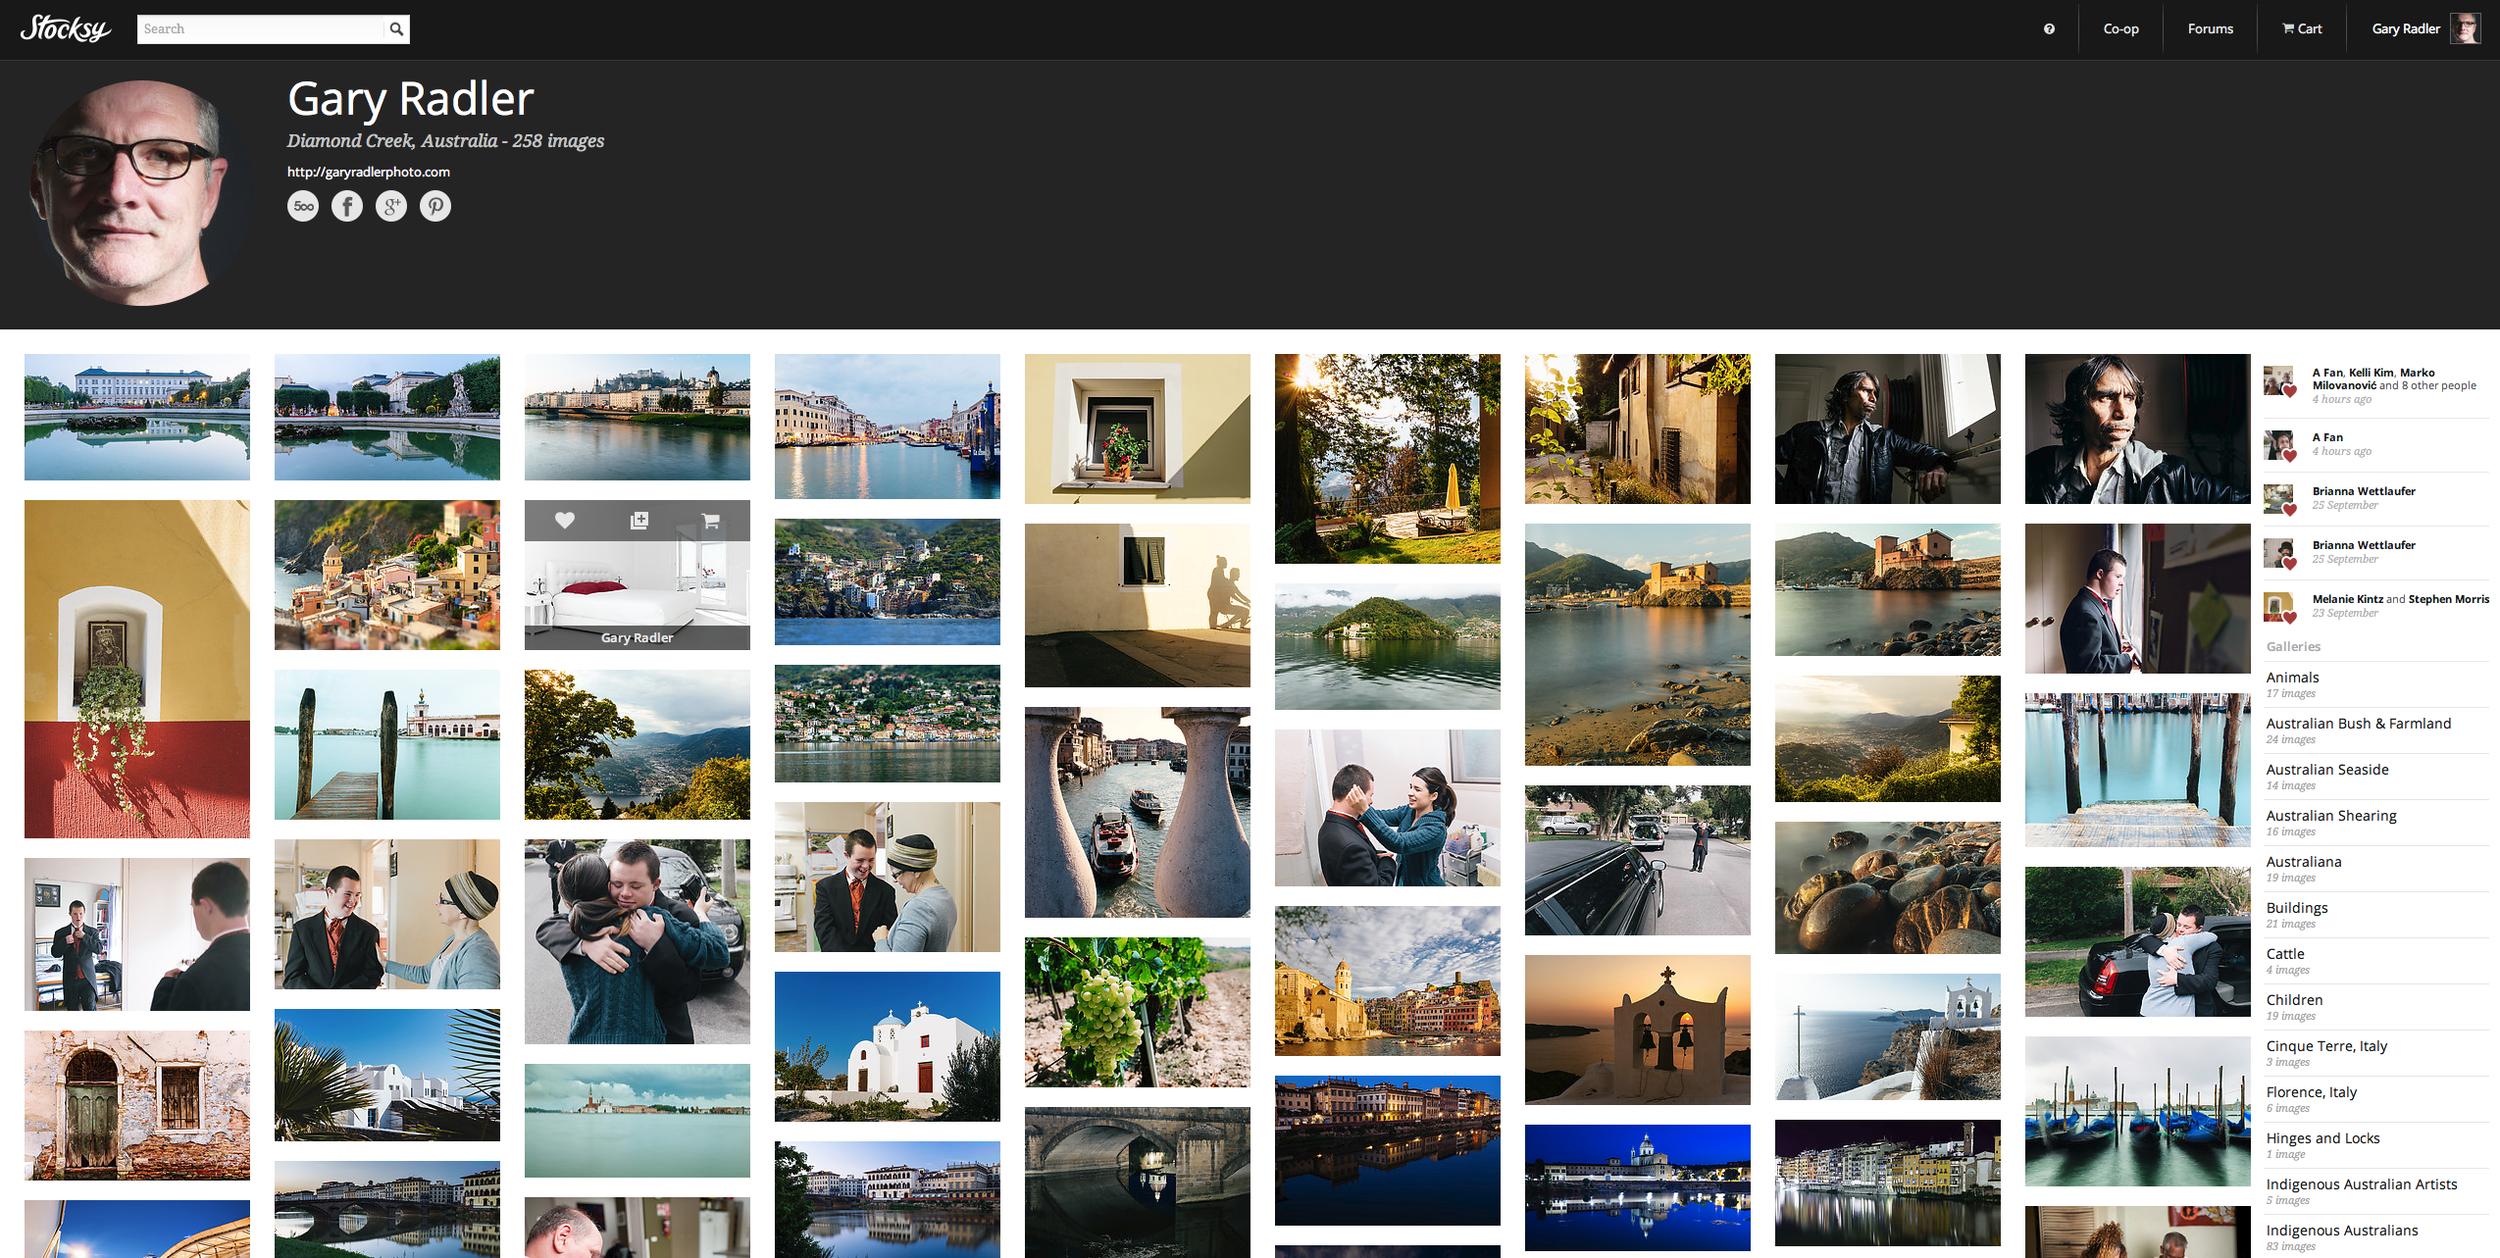 Screen Shot 2013-10-01 at 2.30.32 PM.png